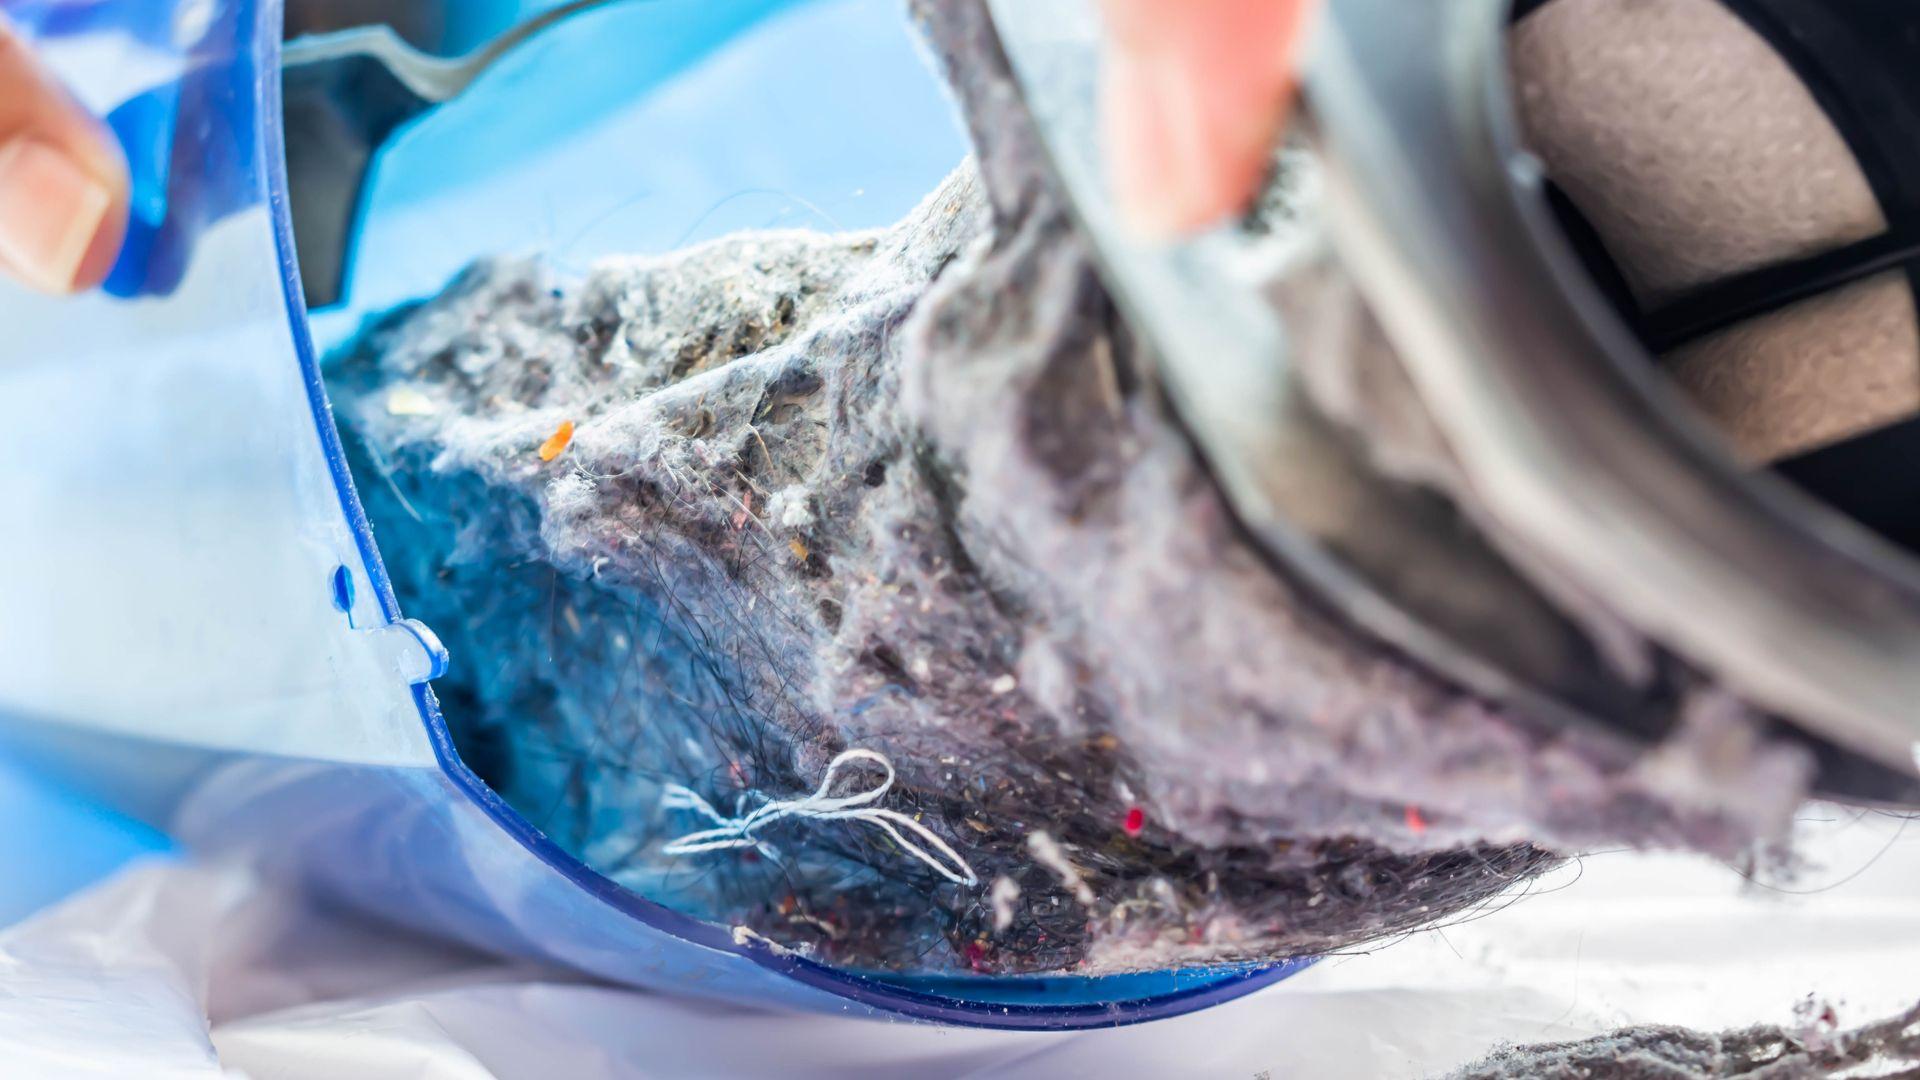 Reservatórios de aspiradores que não usam sacos coletores podem ser lavados com água corrente (Imagem: Shutterstock/Pen Kanya)